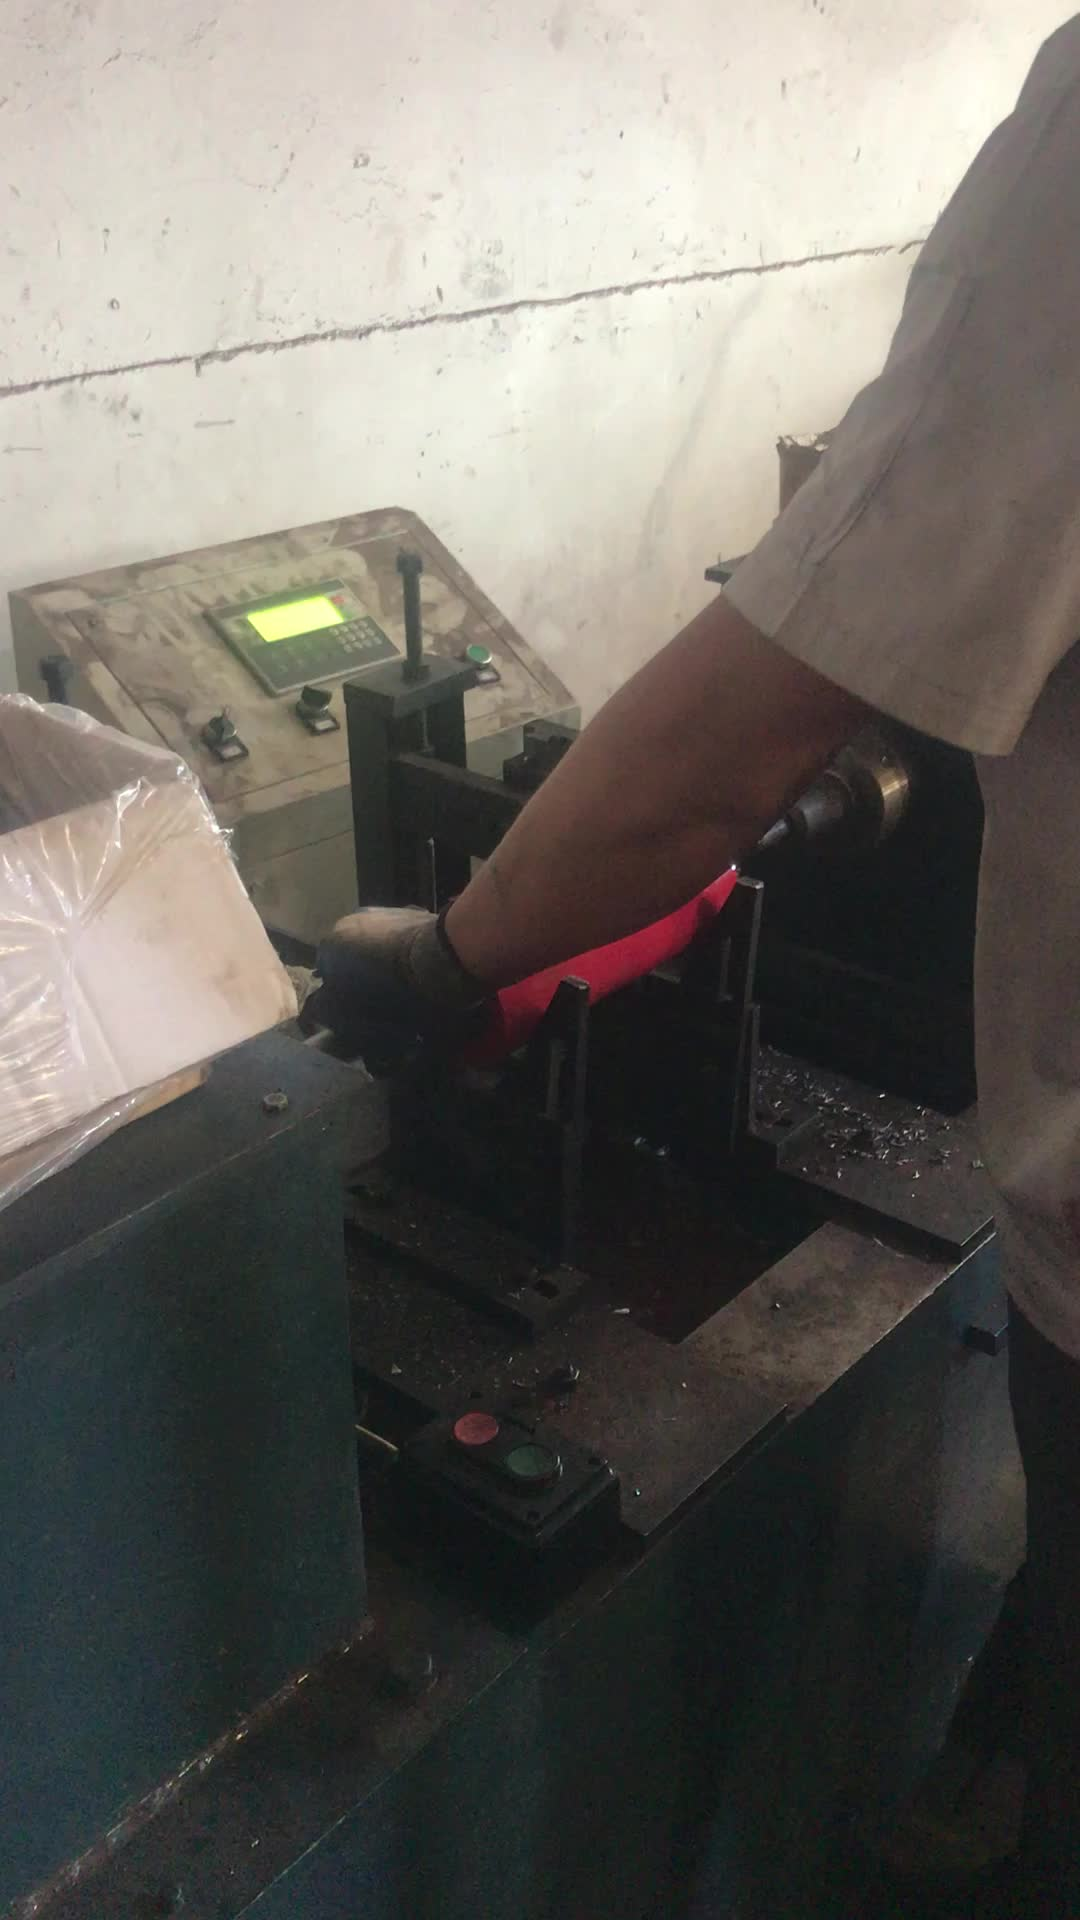 Industrial pesado de acero ranurado de rodillos en cintas transportadoras/portador de rodillos para transportadores